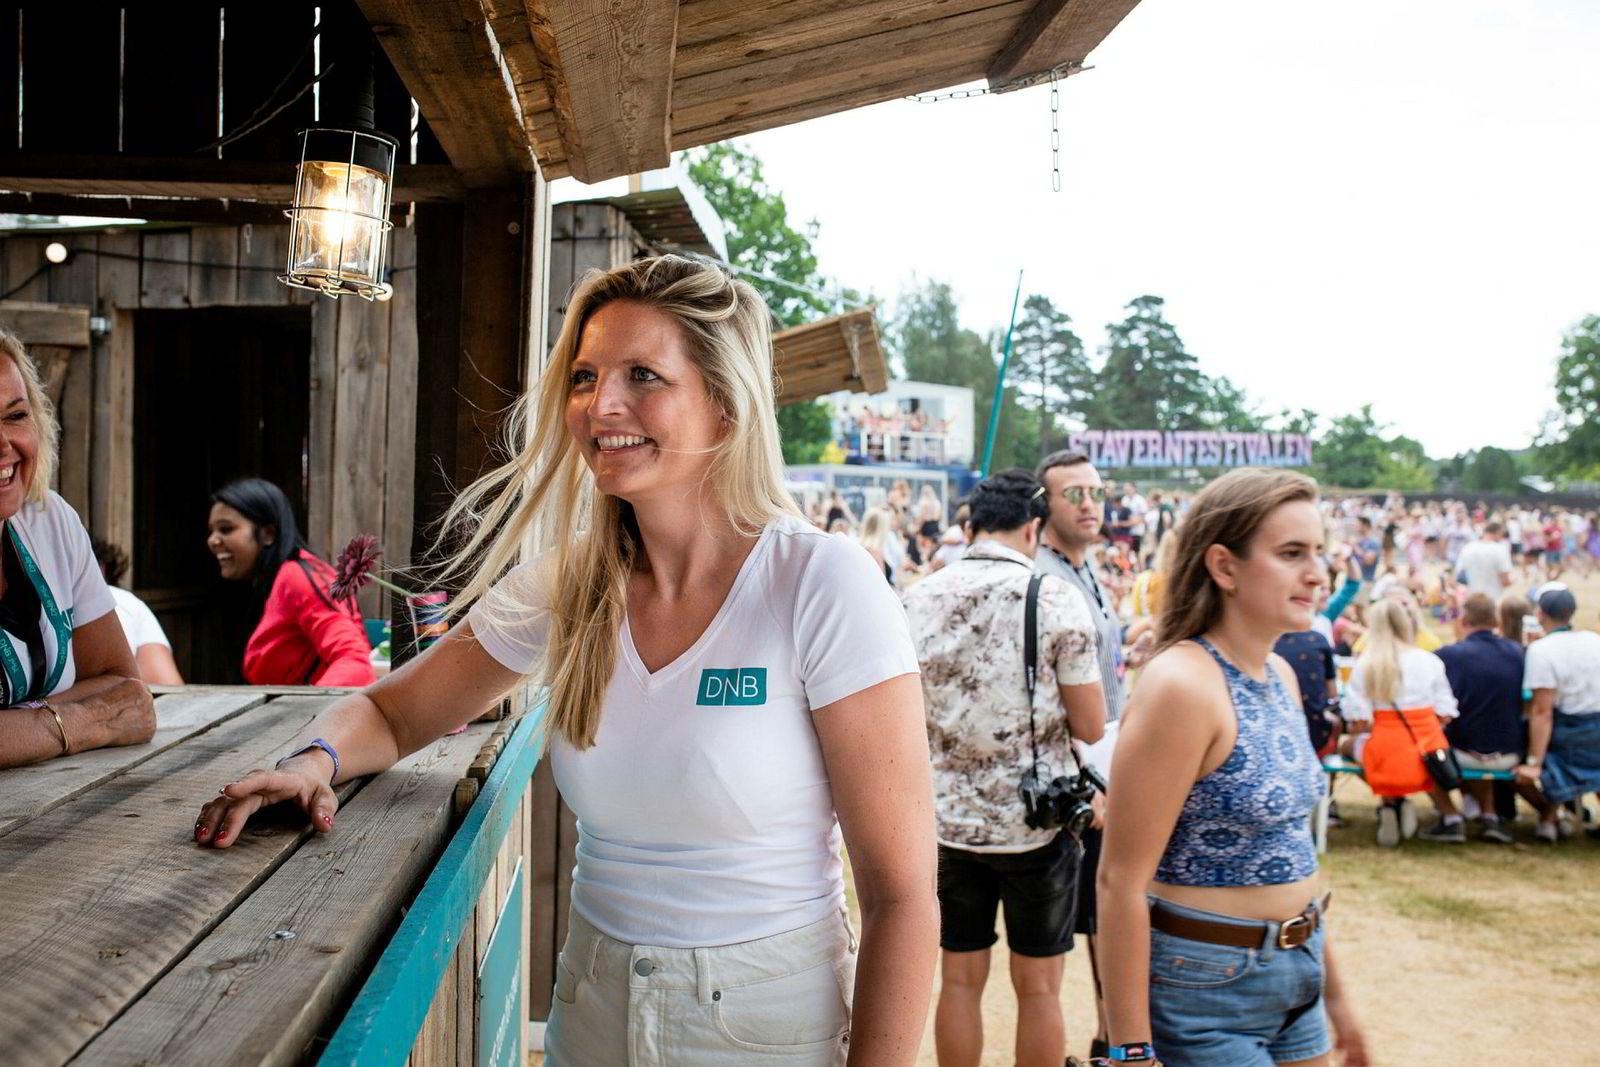 DNB er blant sponsorene til Stavernfestivalen, og er på området for å møte unge potensielle kunder, her ved sponsorsjef Tina Wesselsen.